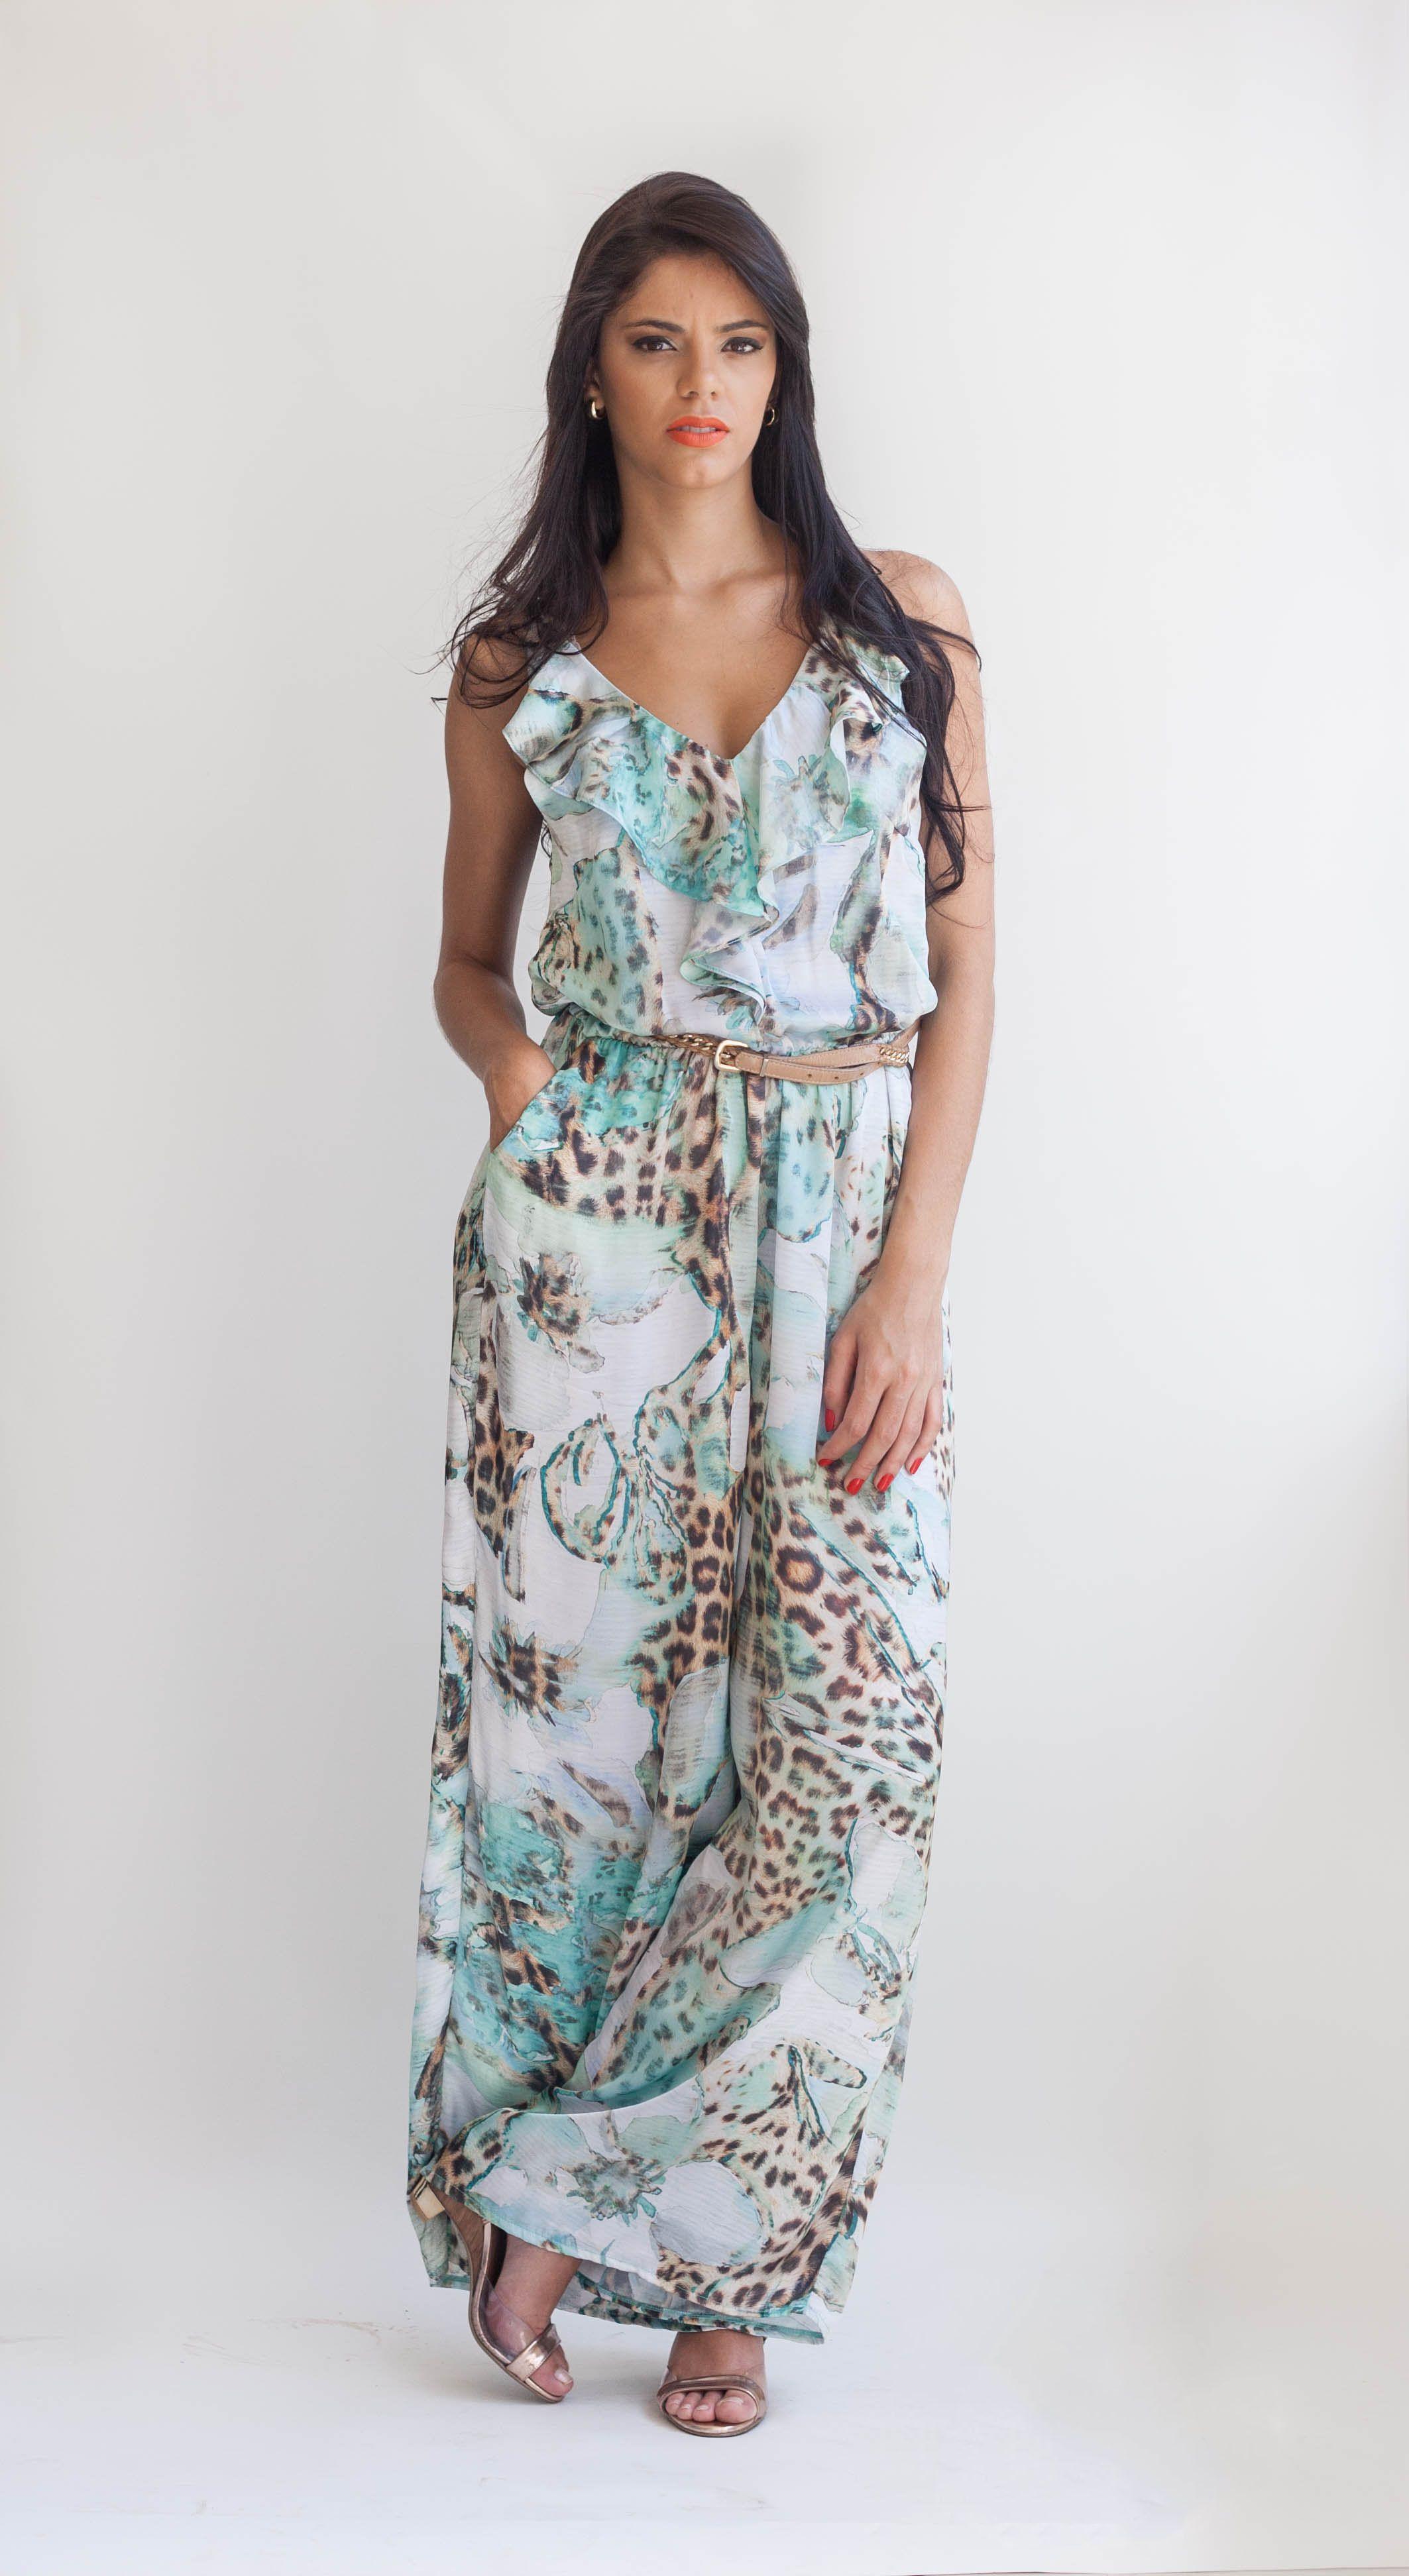 16341aad5 Macacão pantalona estampado da Look Belle | Alto Verão 2015 - Look ...